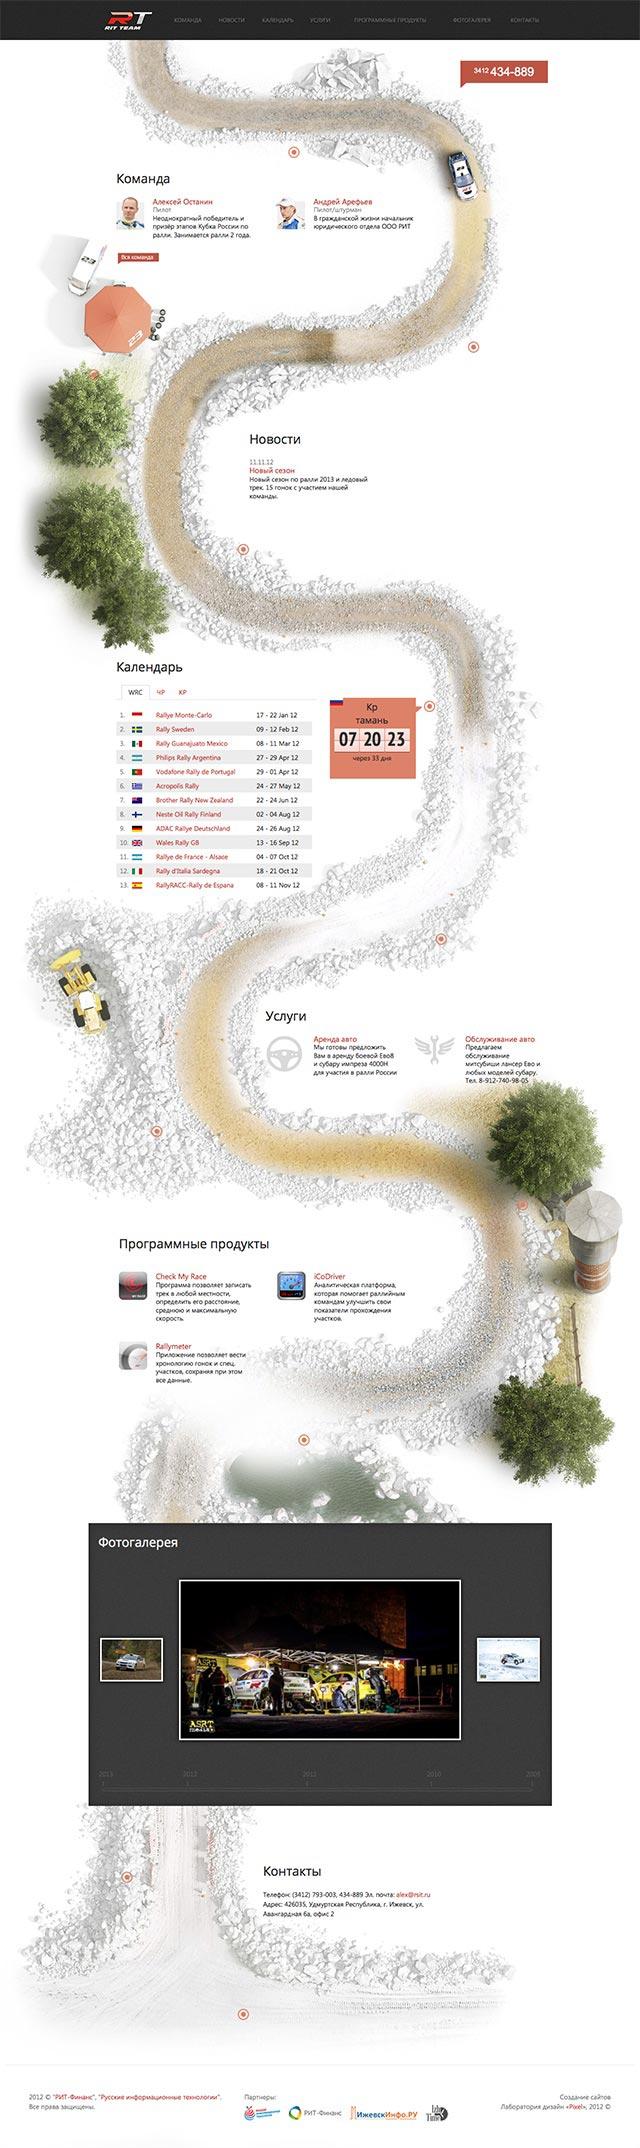 网站设计提升用户体验案例8.jpg